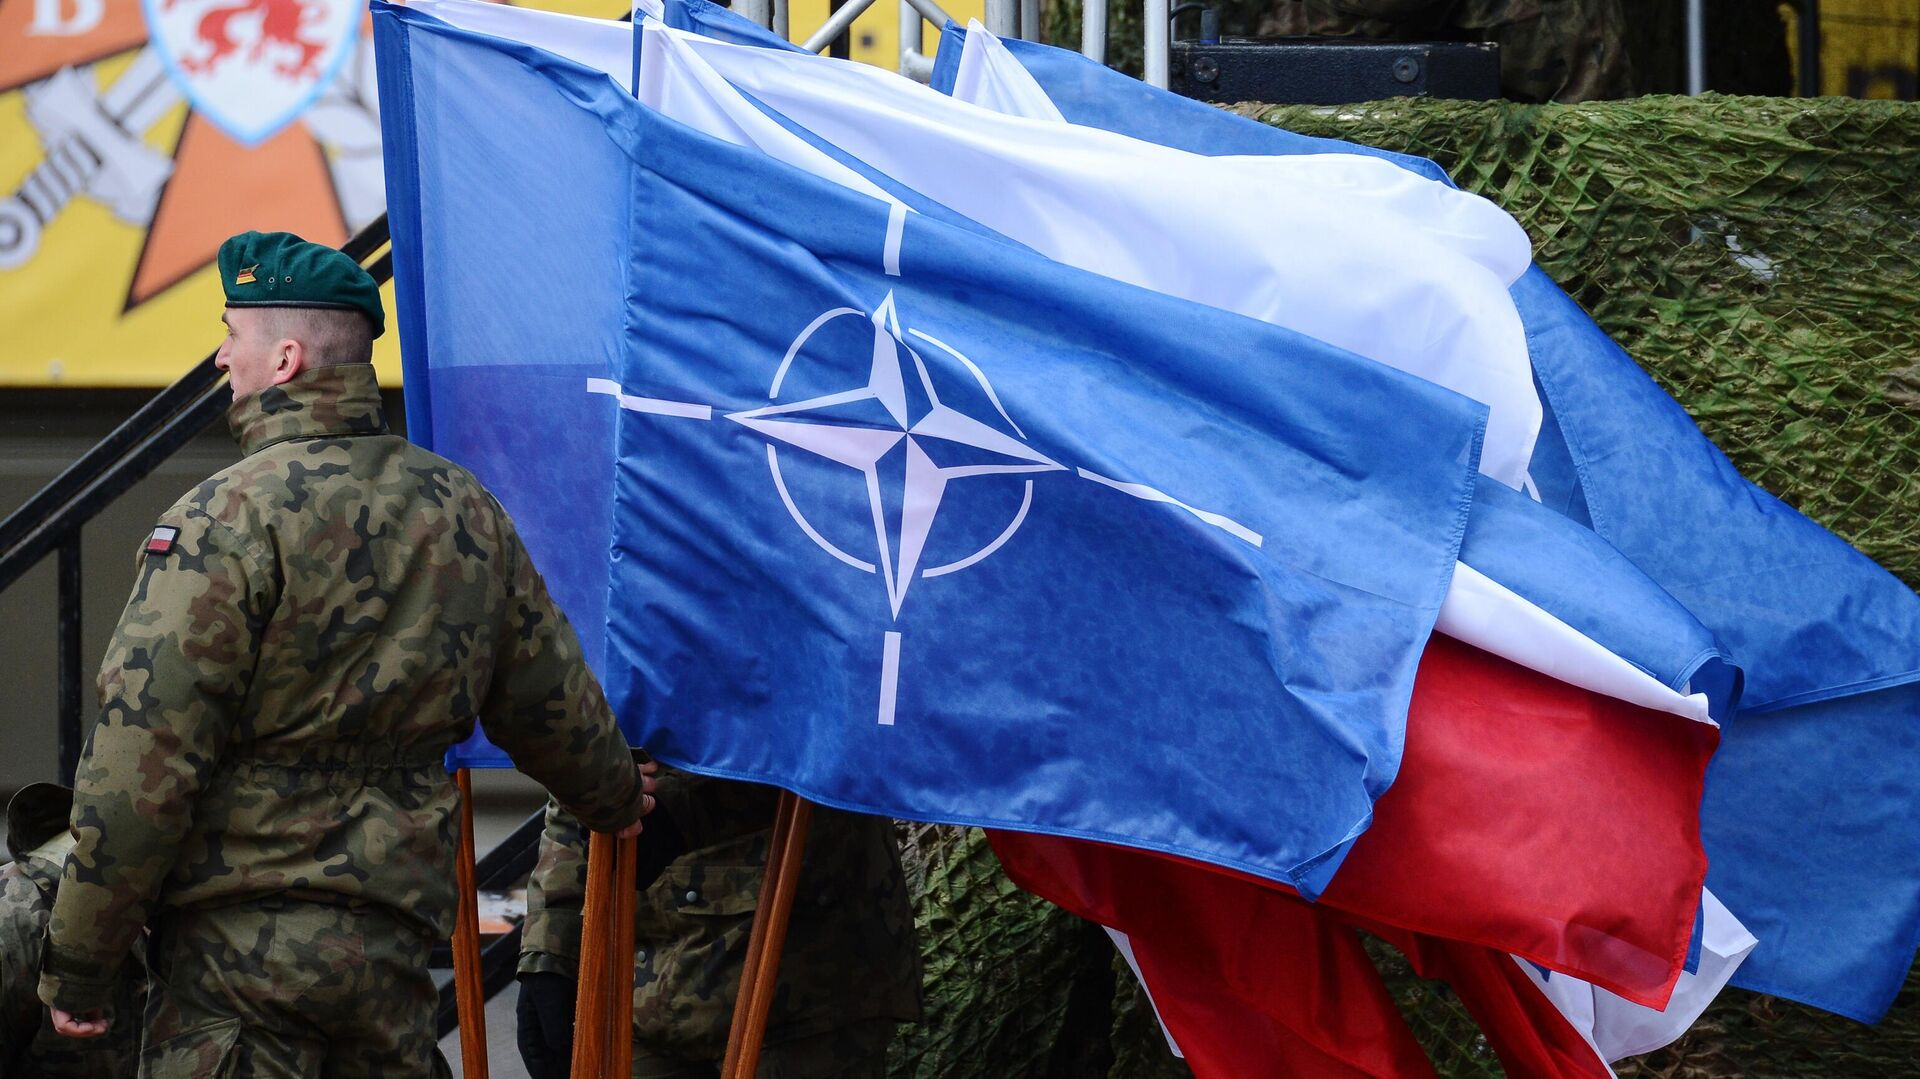 Церемония приветствия многонационального батальона НАТО под руководством США в польском Ожише - РИА Новости, 1920, 28.01.2021